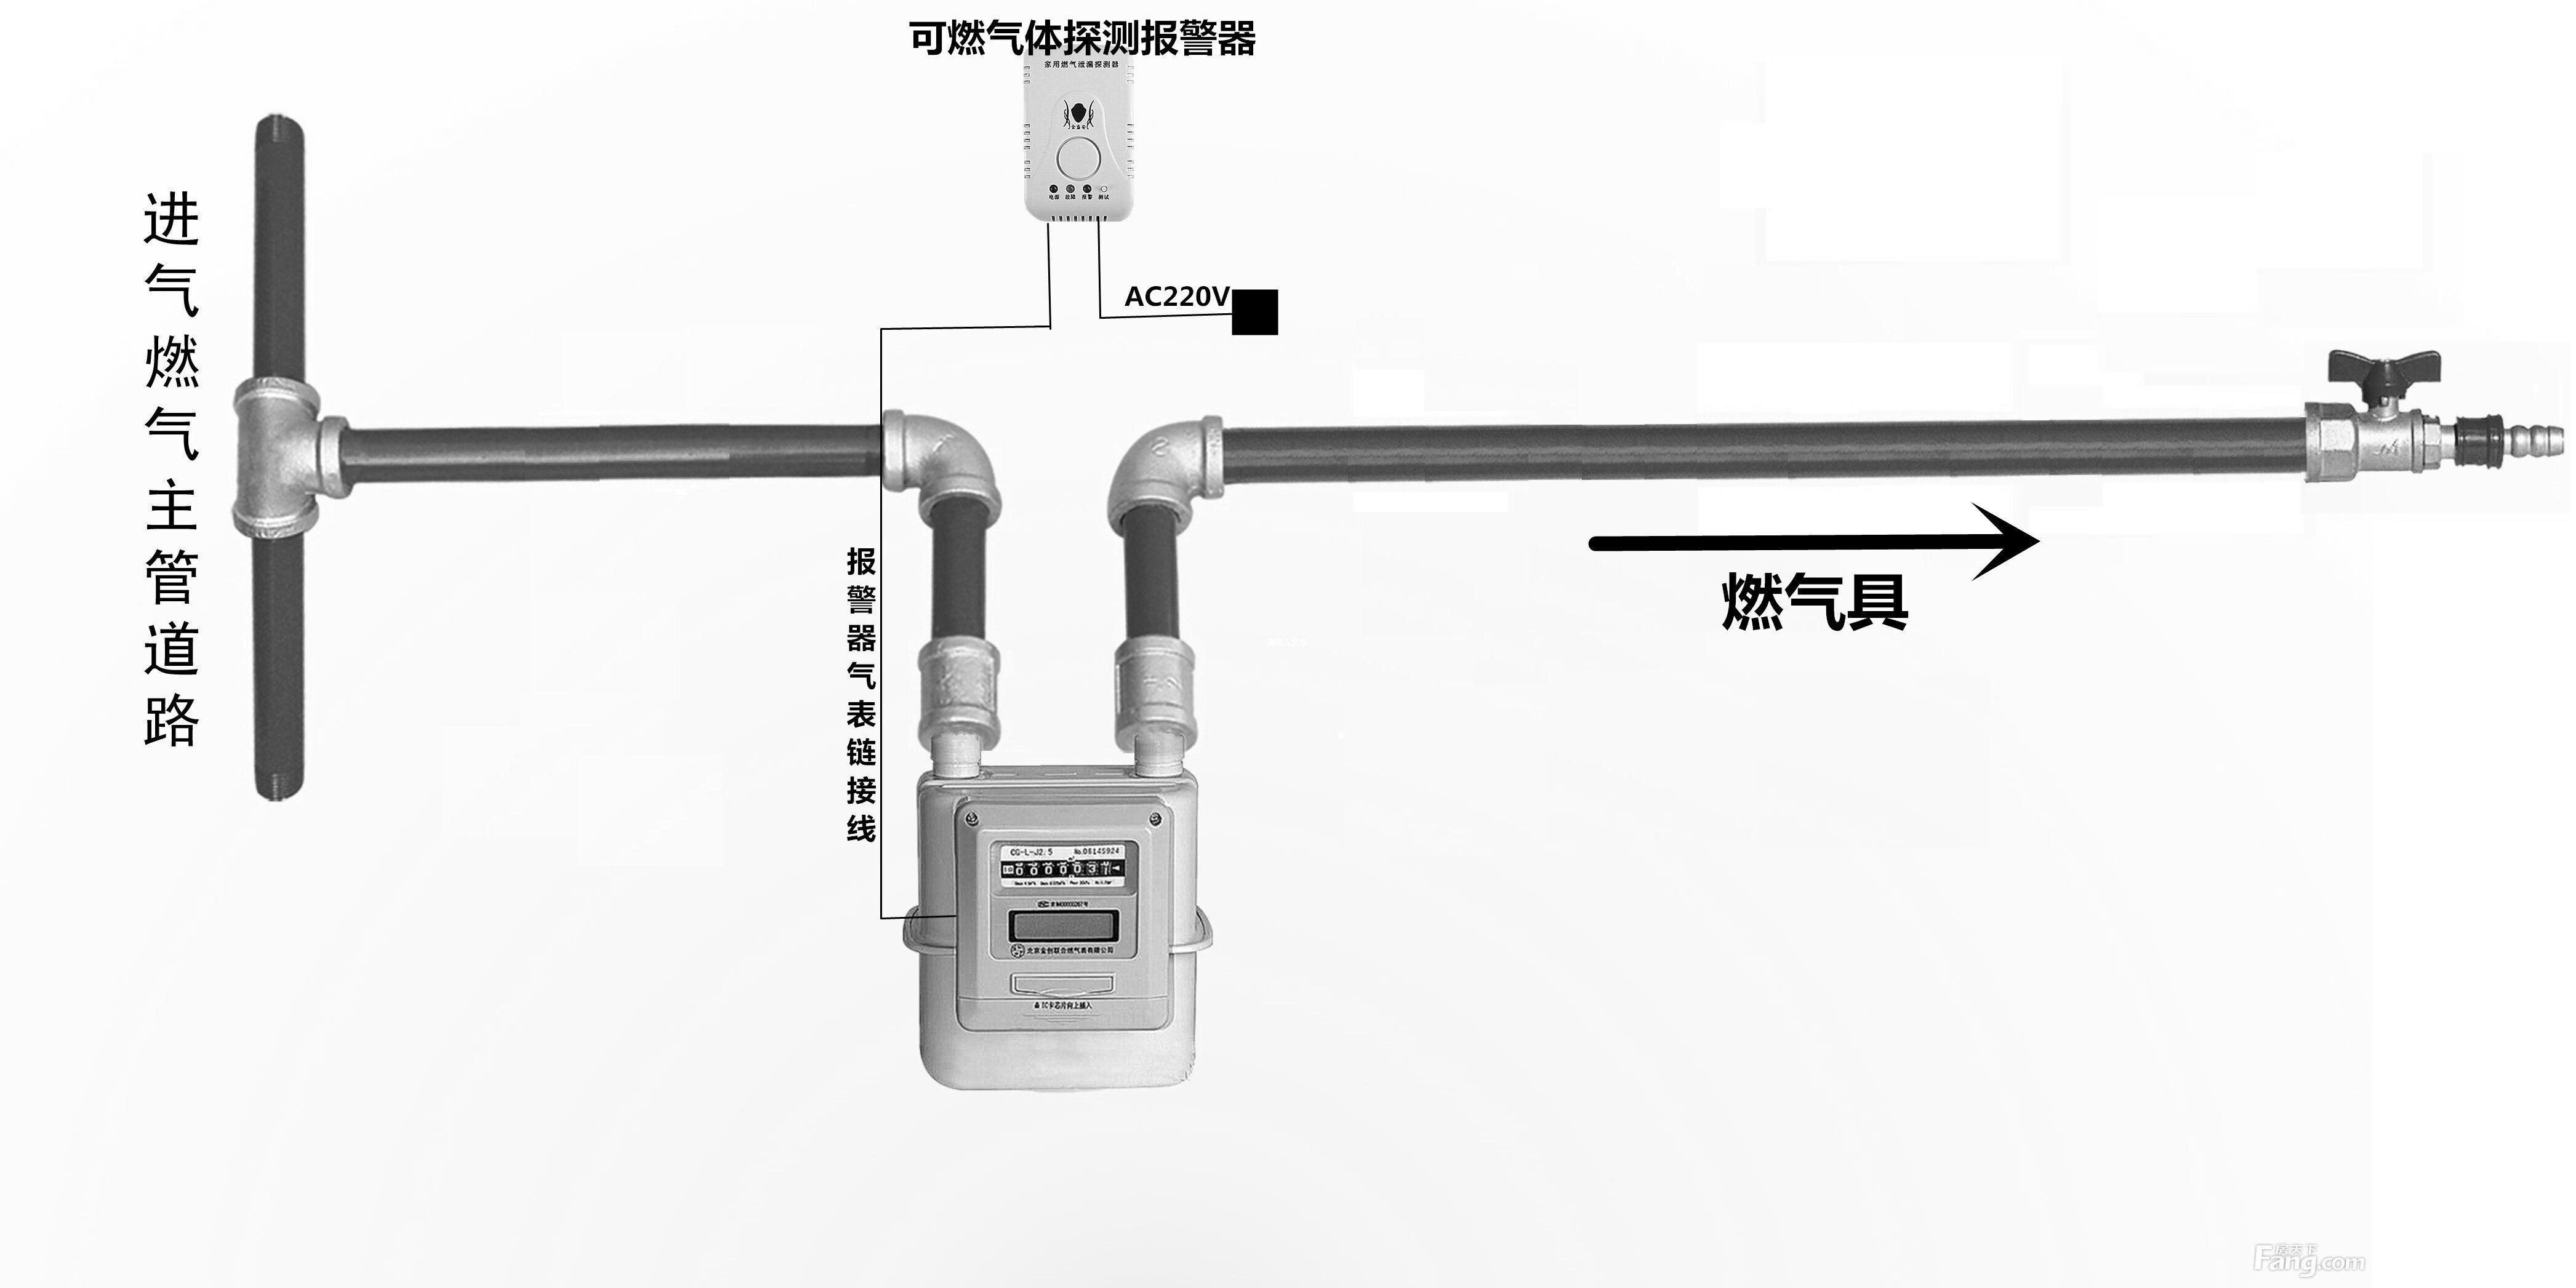 燃气表专用-报警器 燃气报警器配套燃气表安装图